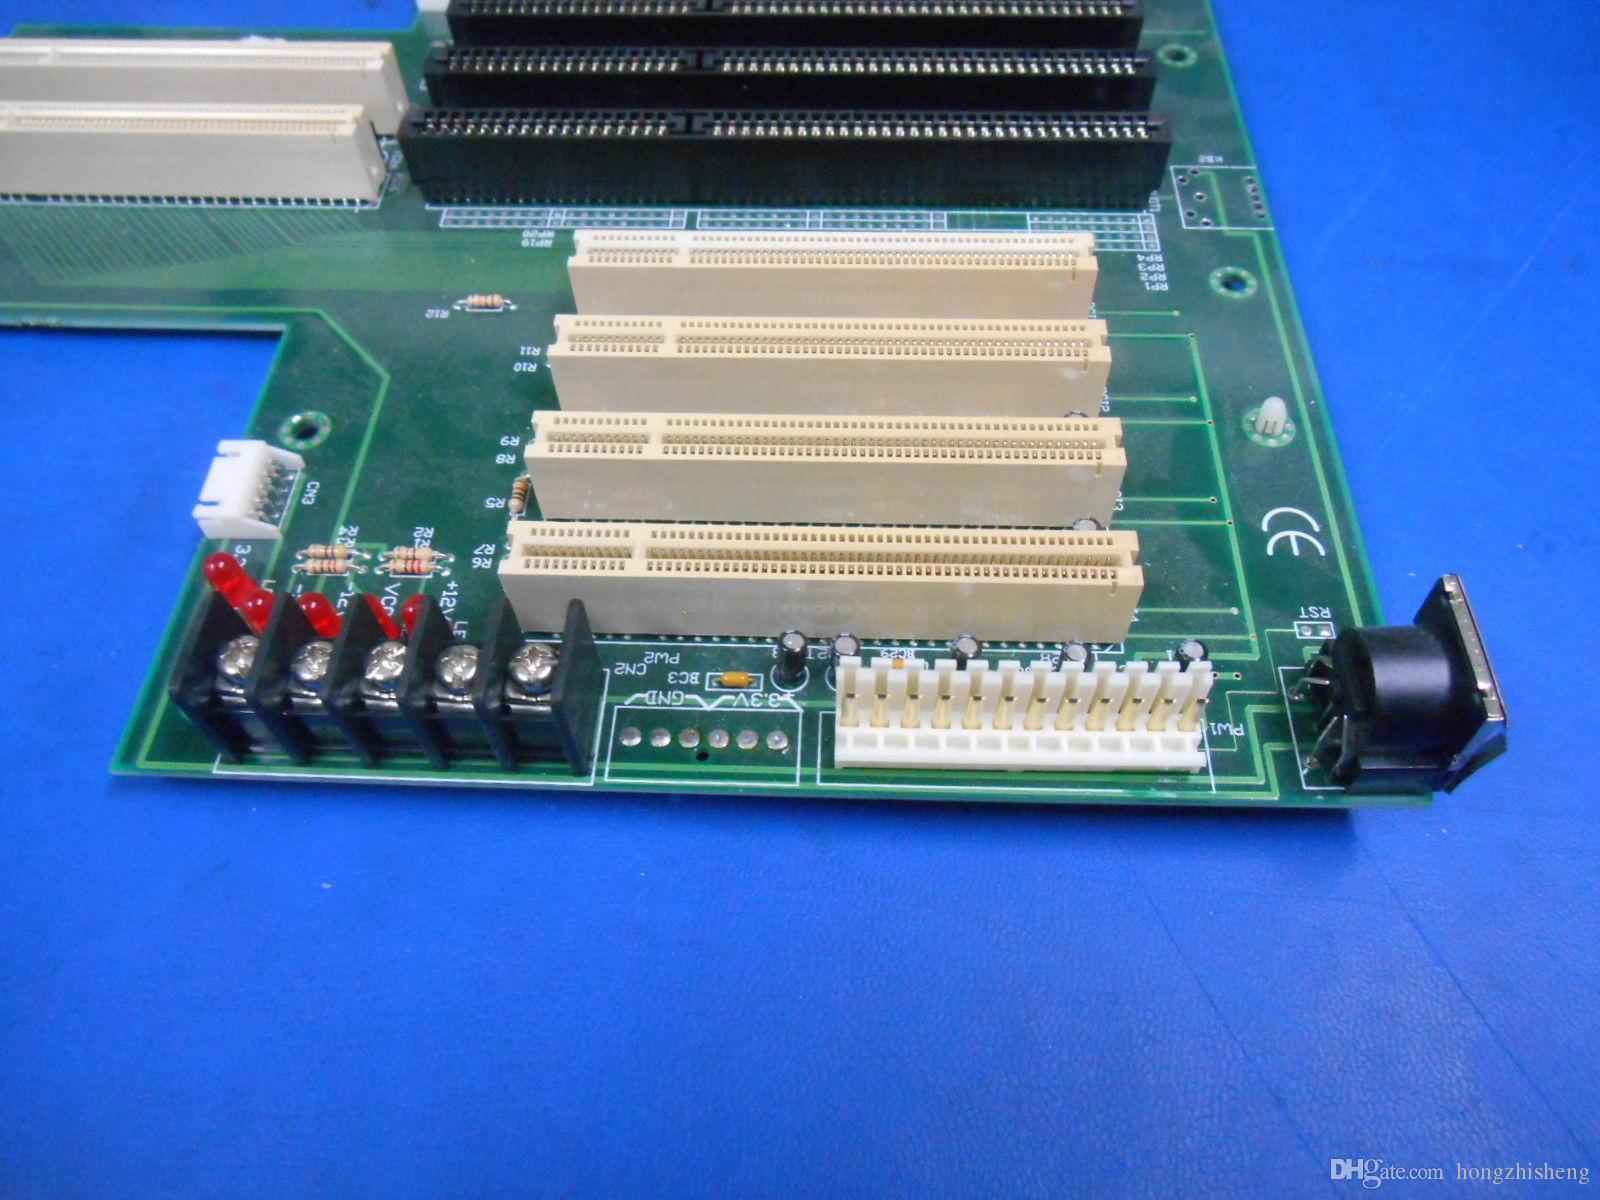 ADLINK PICMG PCI-14S VER: E2 Industrielle Basisplatte mit zwei Monaten Garantie